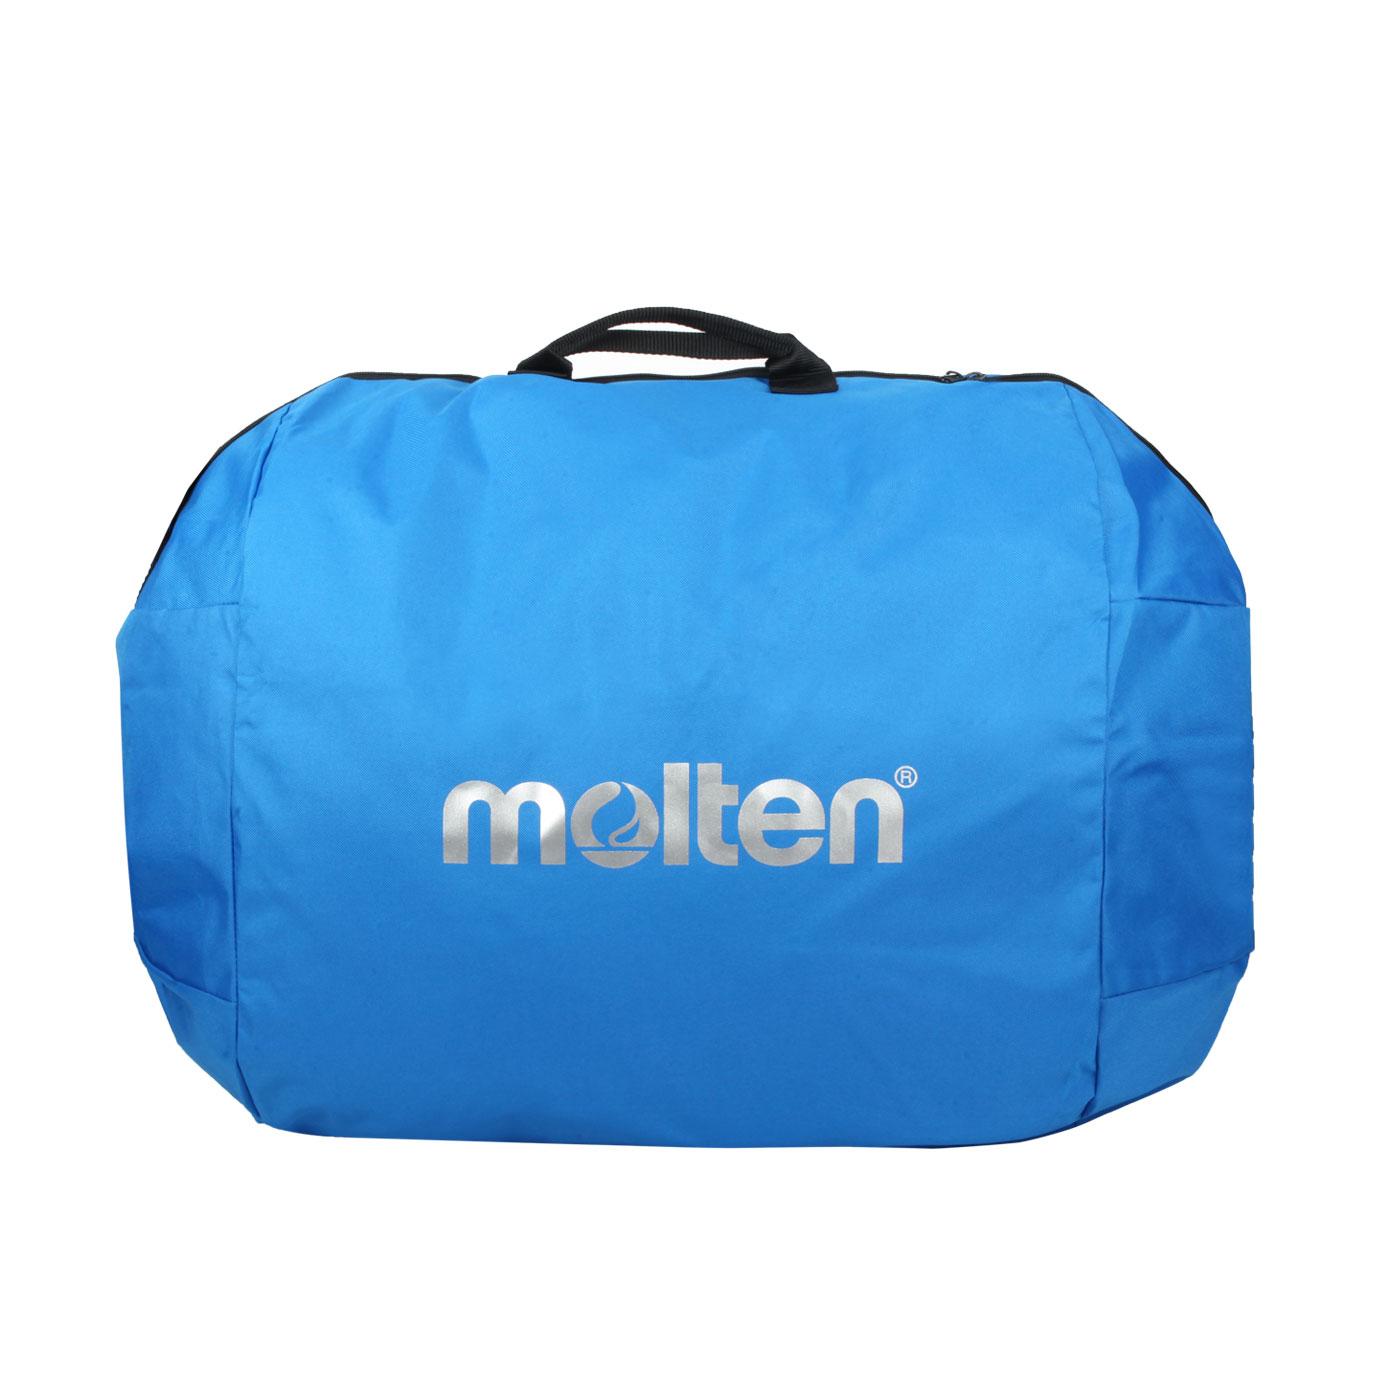 Molten 籃球袋六入裝 EB0046-B - 藍銀